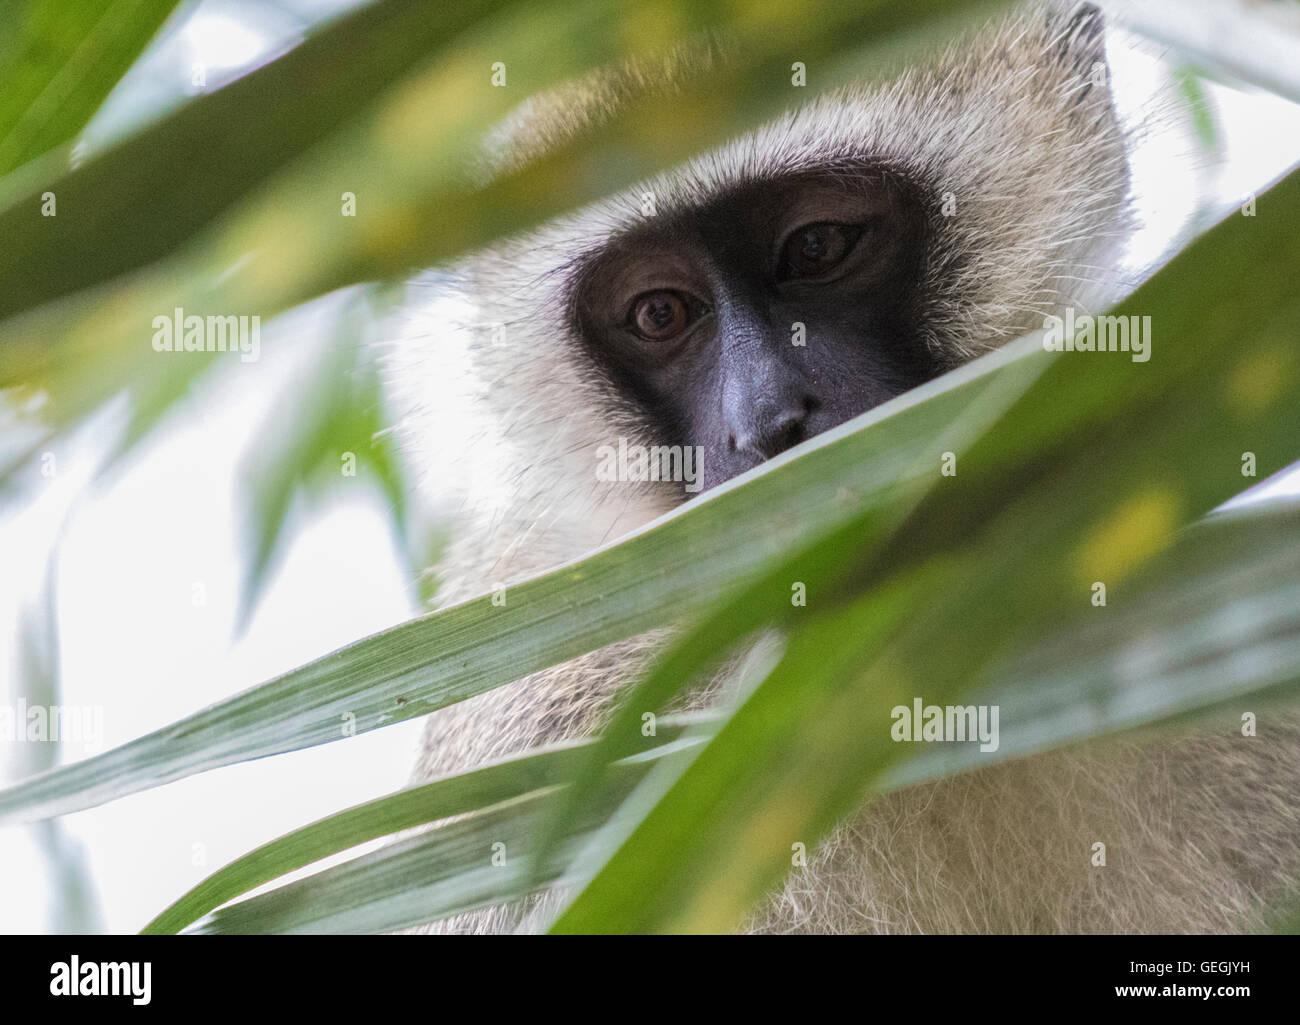 Vervet monkey seduto in una struttura ad albero e picco attraverso le foglie, ukunda, Kenya, Africa Immagini Stock